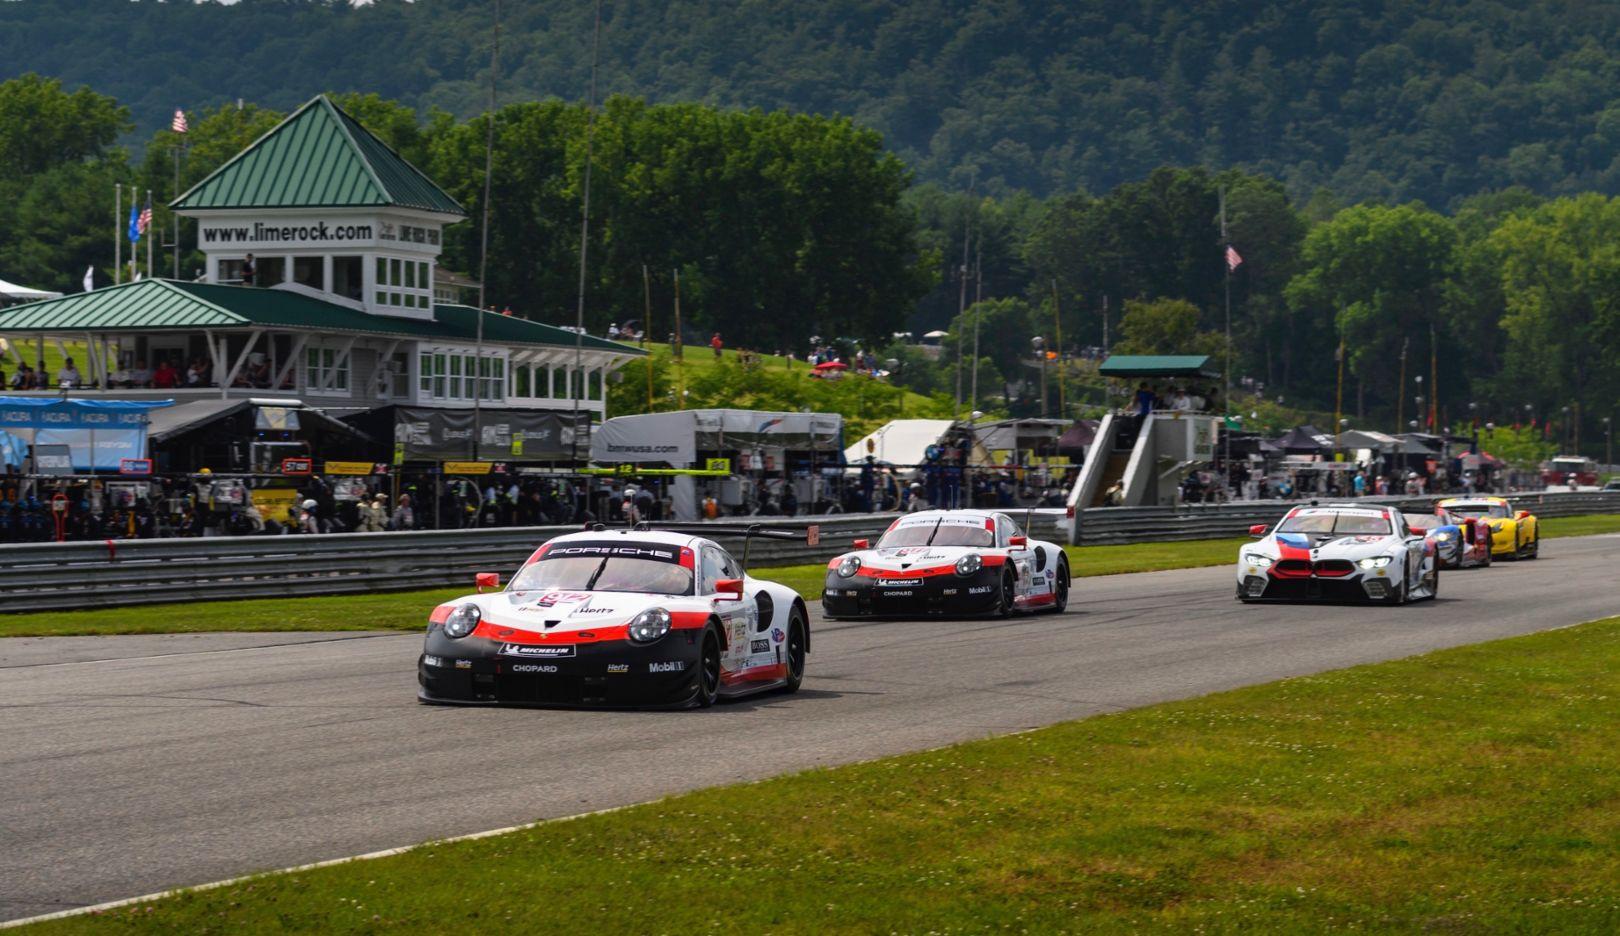 Imsa Victory For The Porsche 911 Gt3 R Porsche Gt Team On The Podium